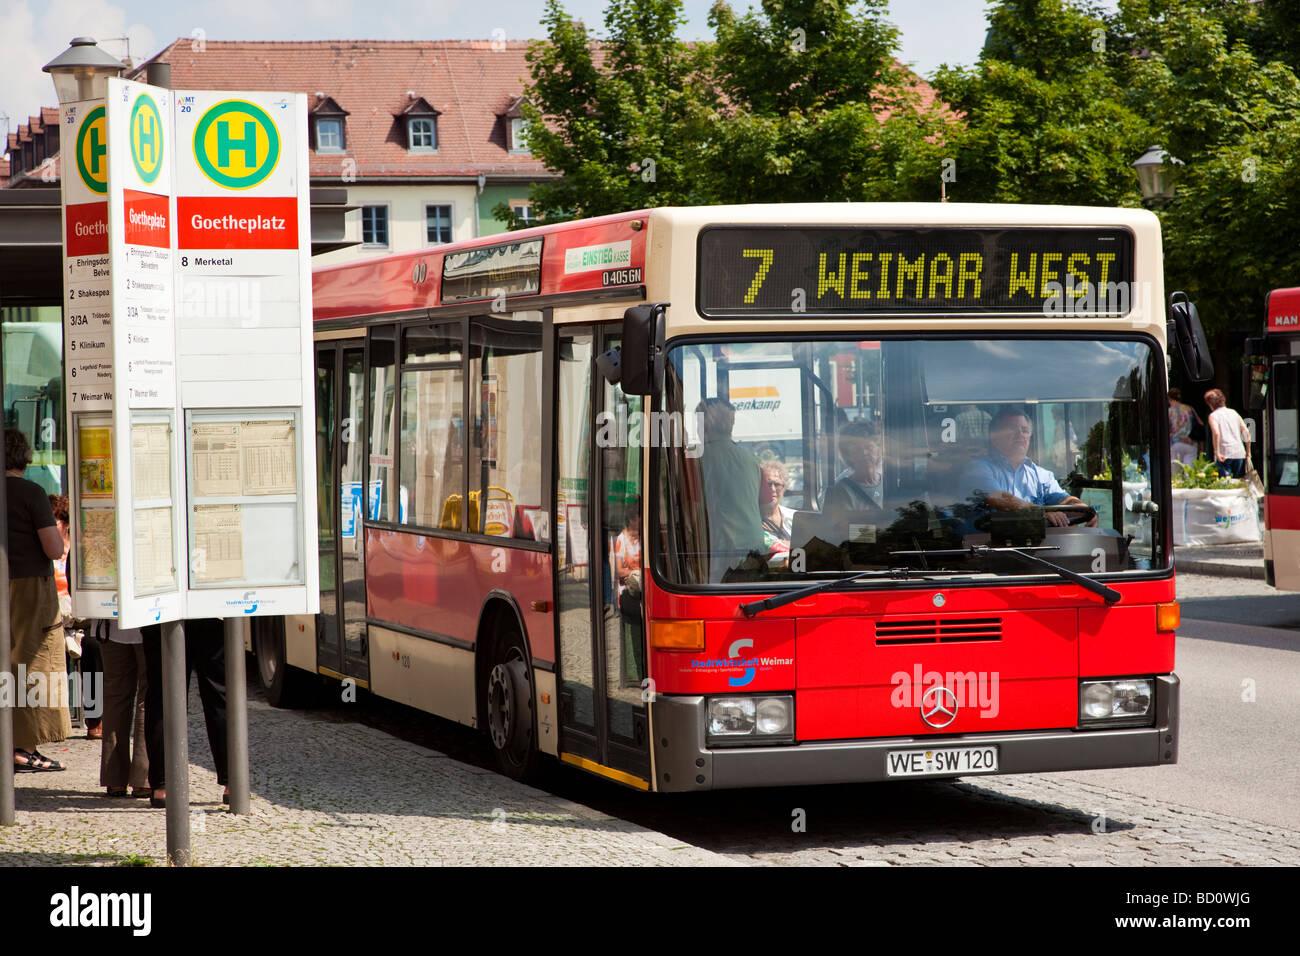 German Bus Stock Photos Amp German Bus Stock Images Alamy